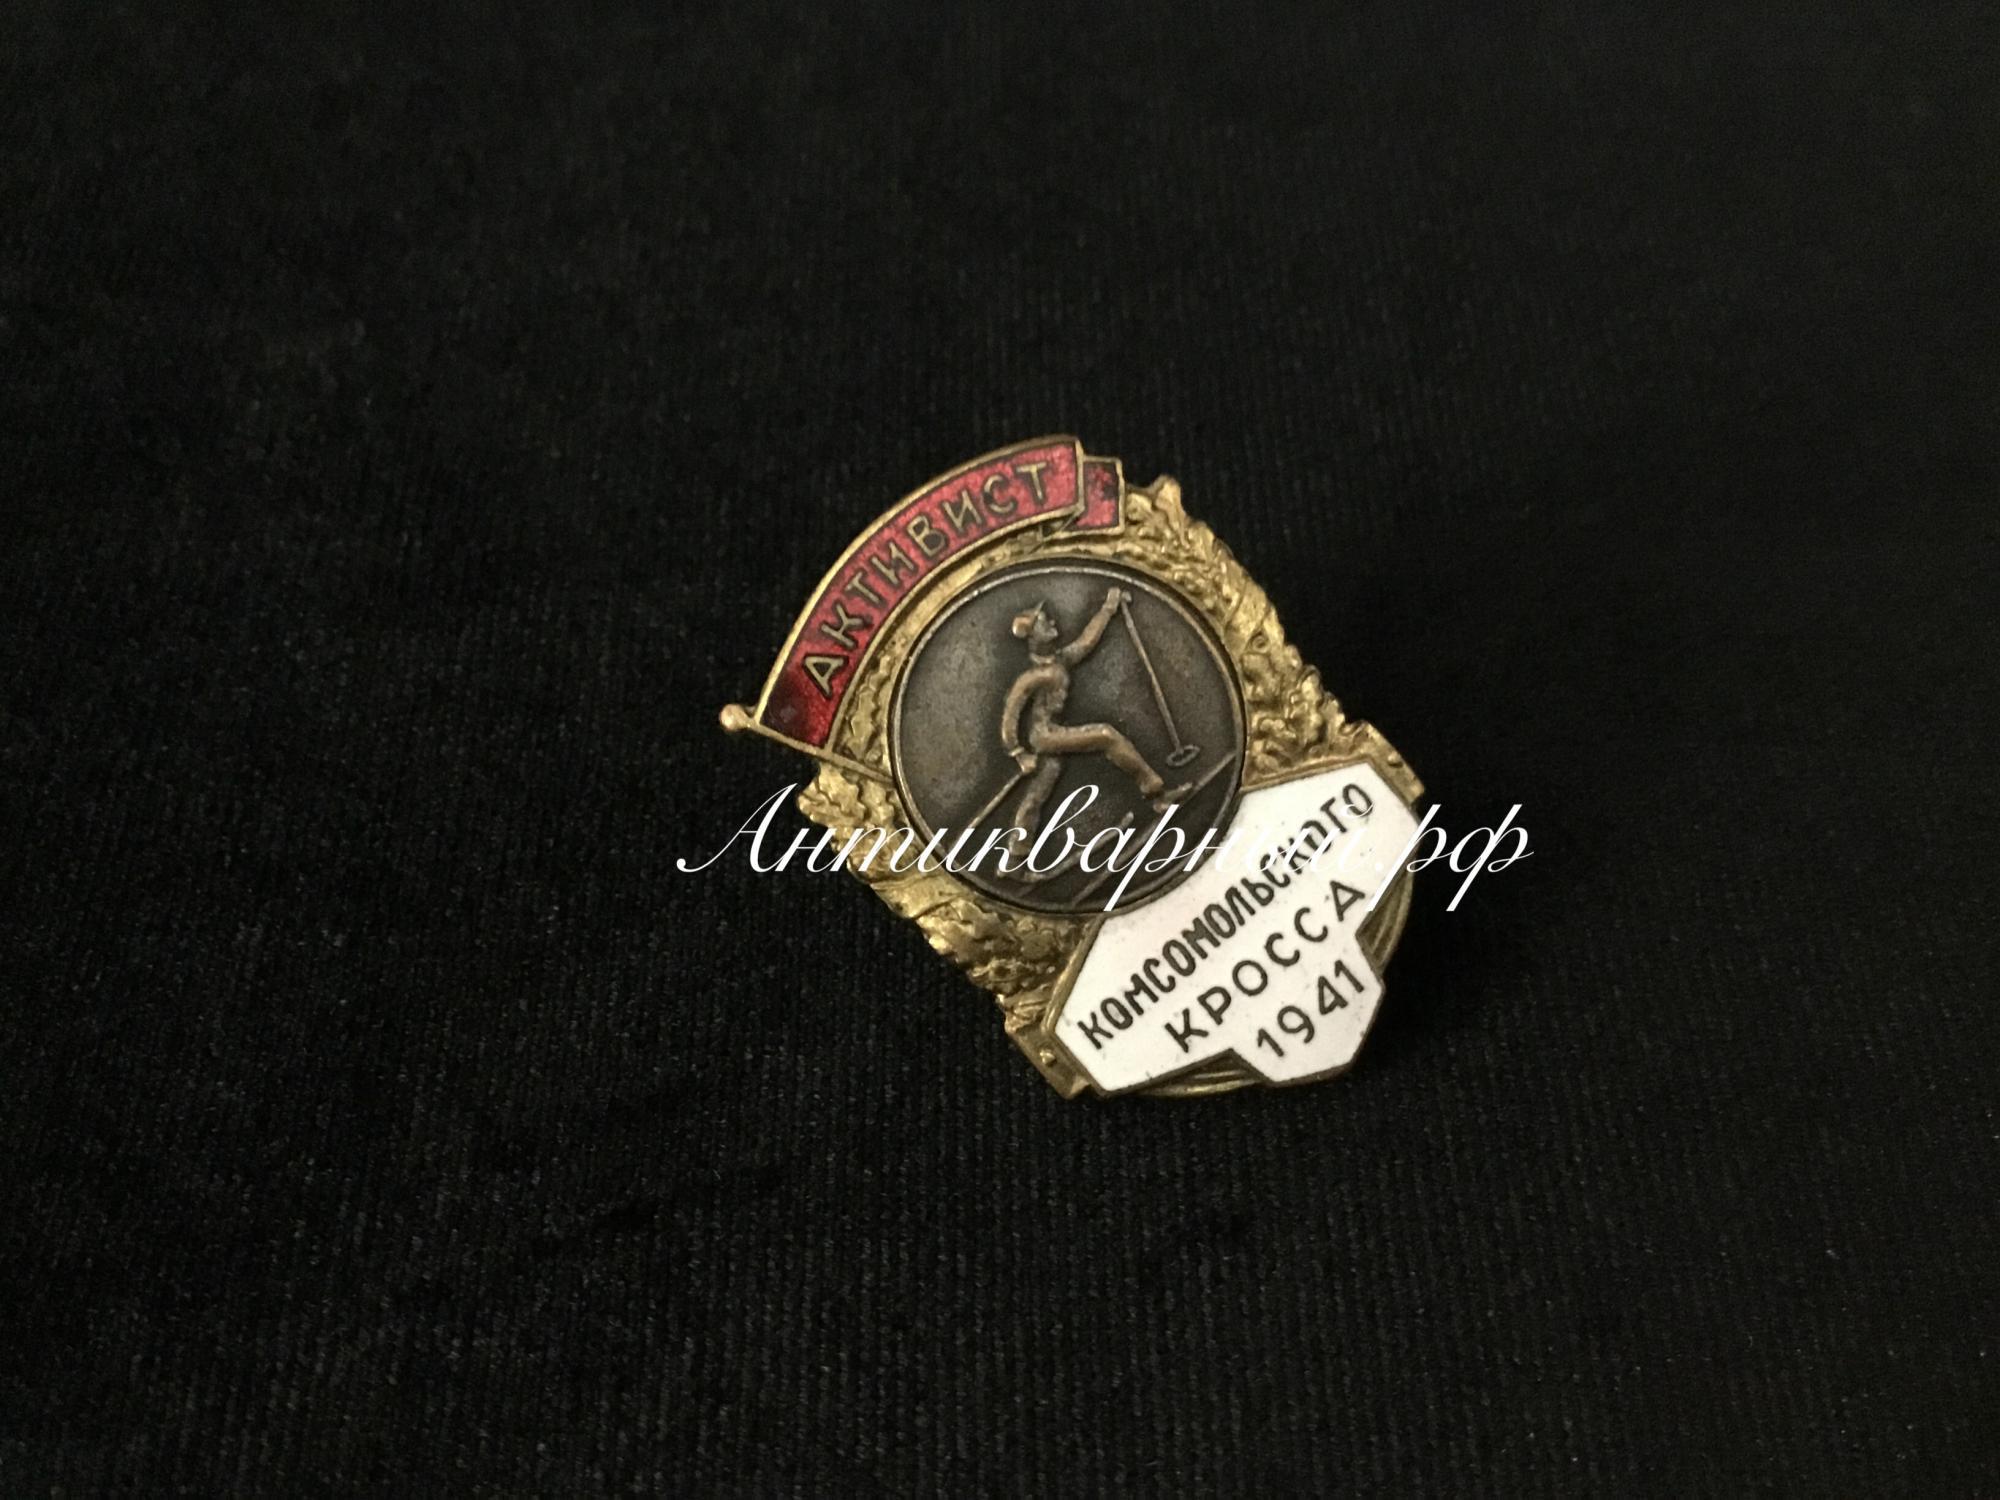 Знак Активист комсомольского кросса 1941г